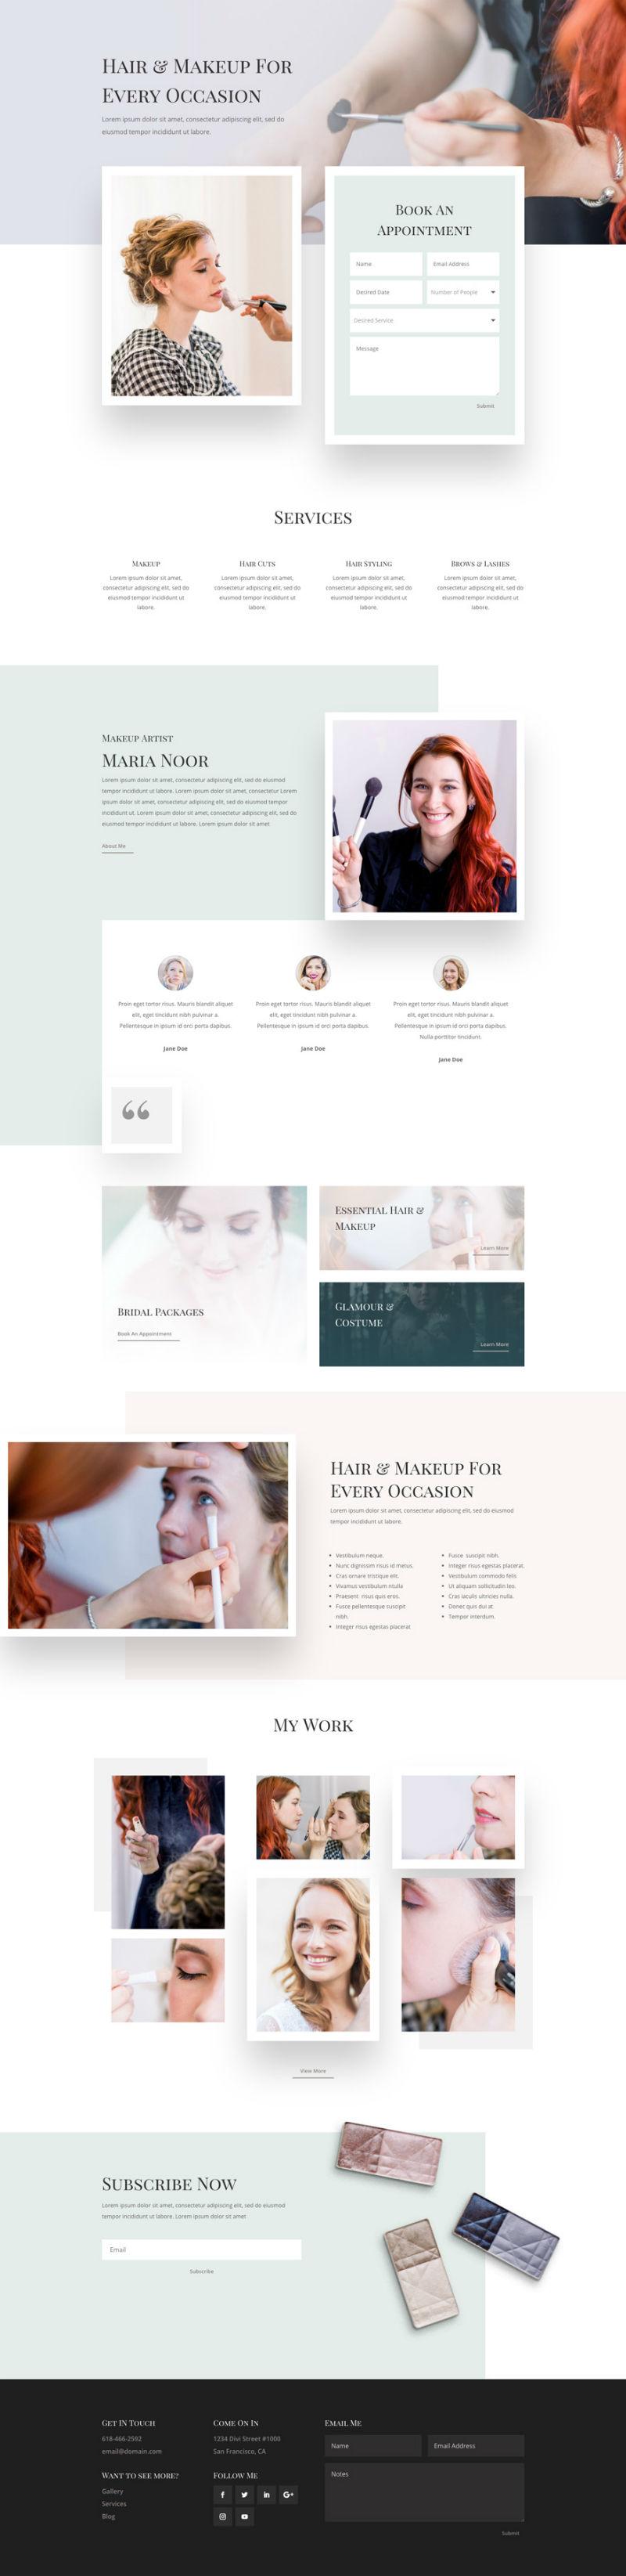 Hair and Makeup Artist Pre-made WordPress Website Design